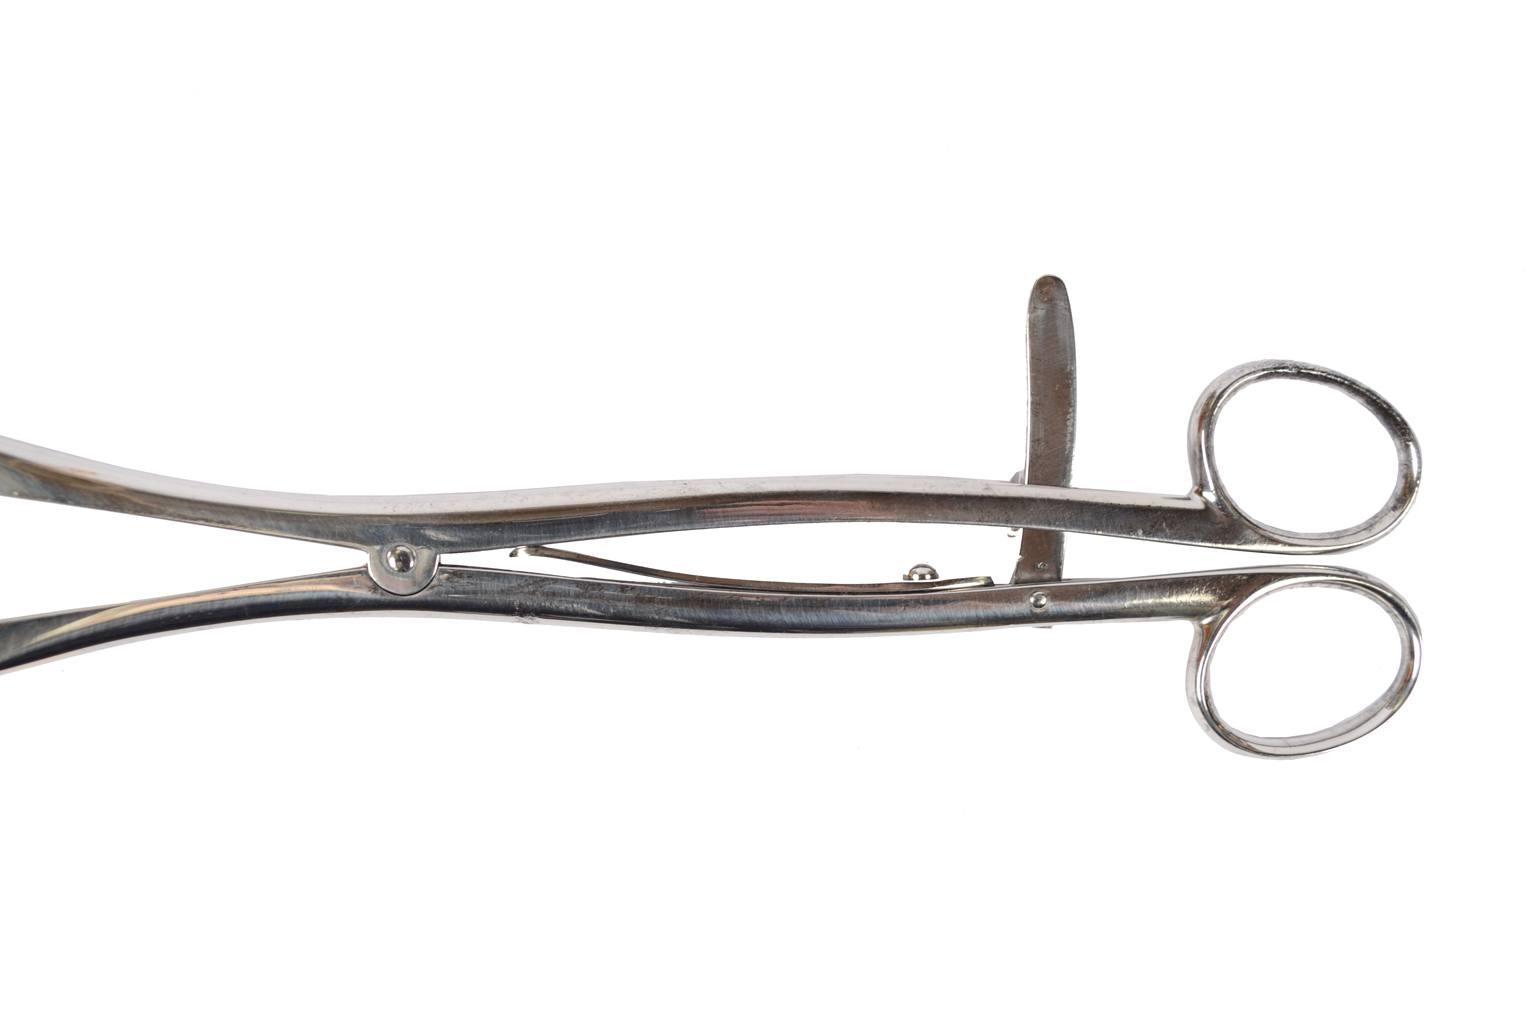 Strumenti medici d'epoca/6068A-Pinza emostatica